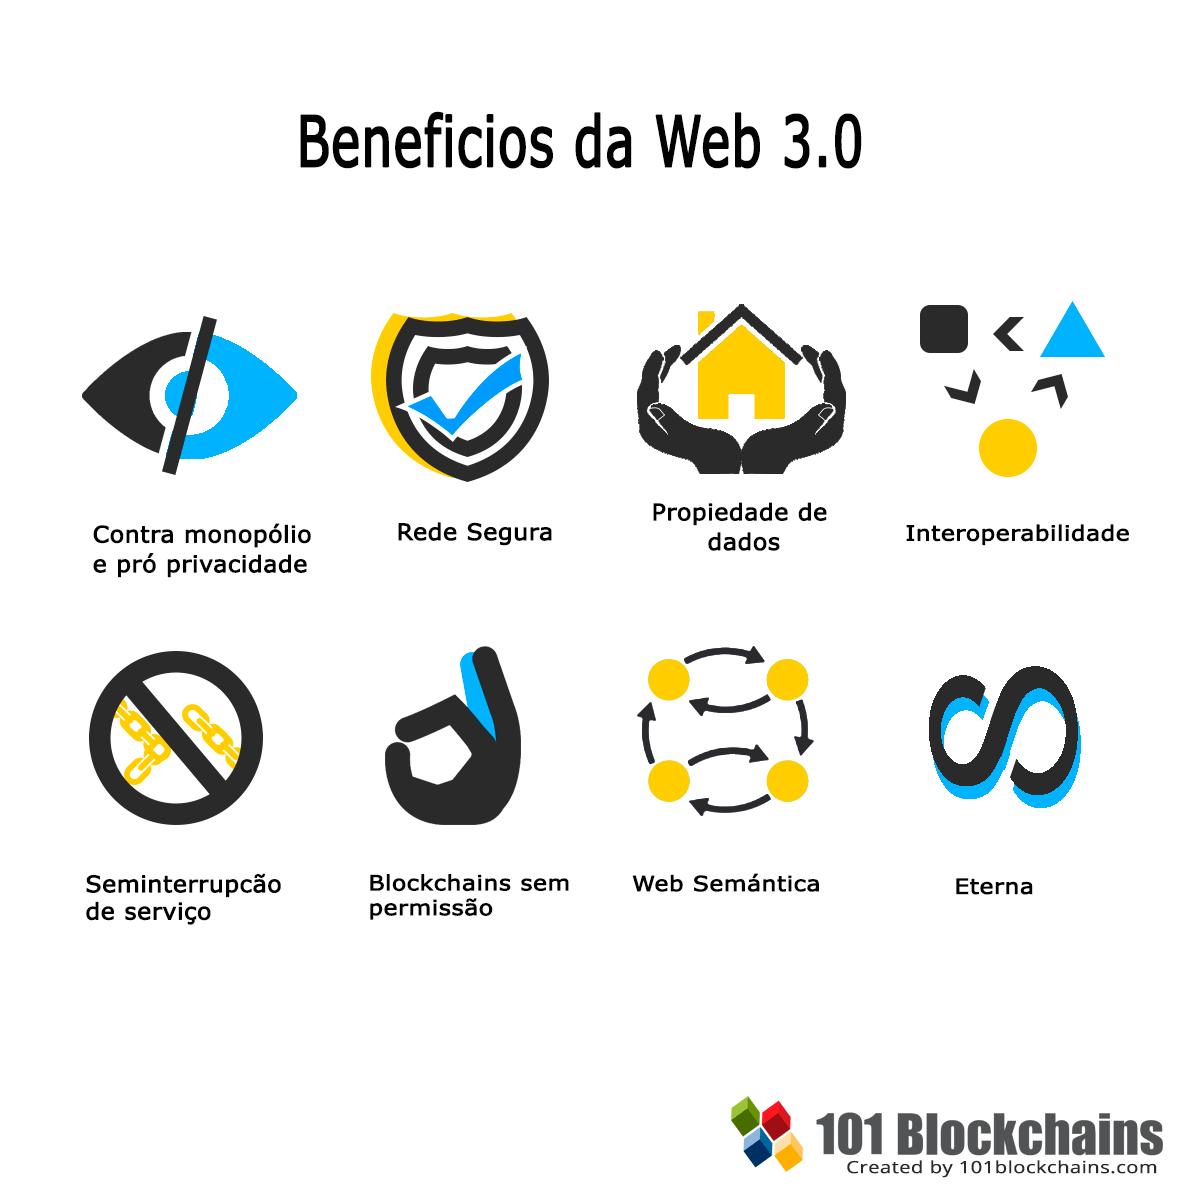 Benefícios da Web 3